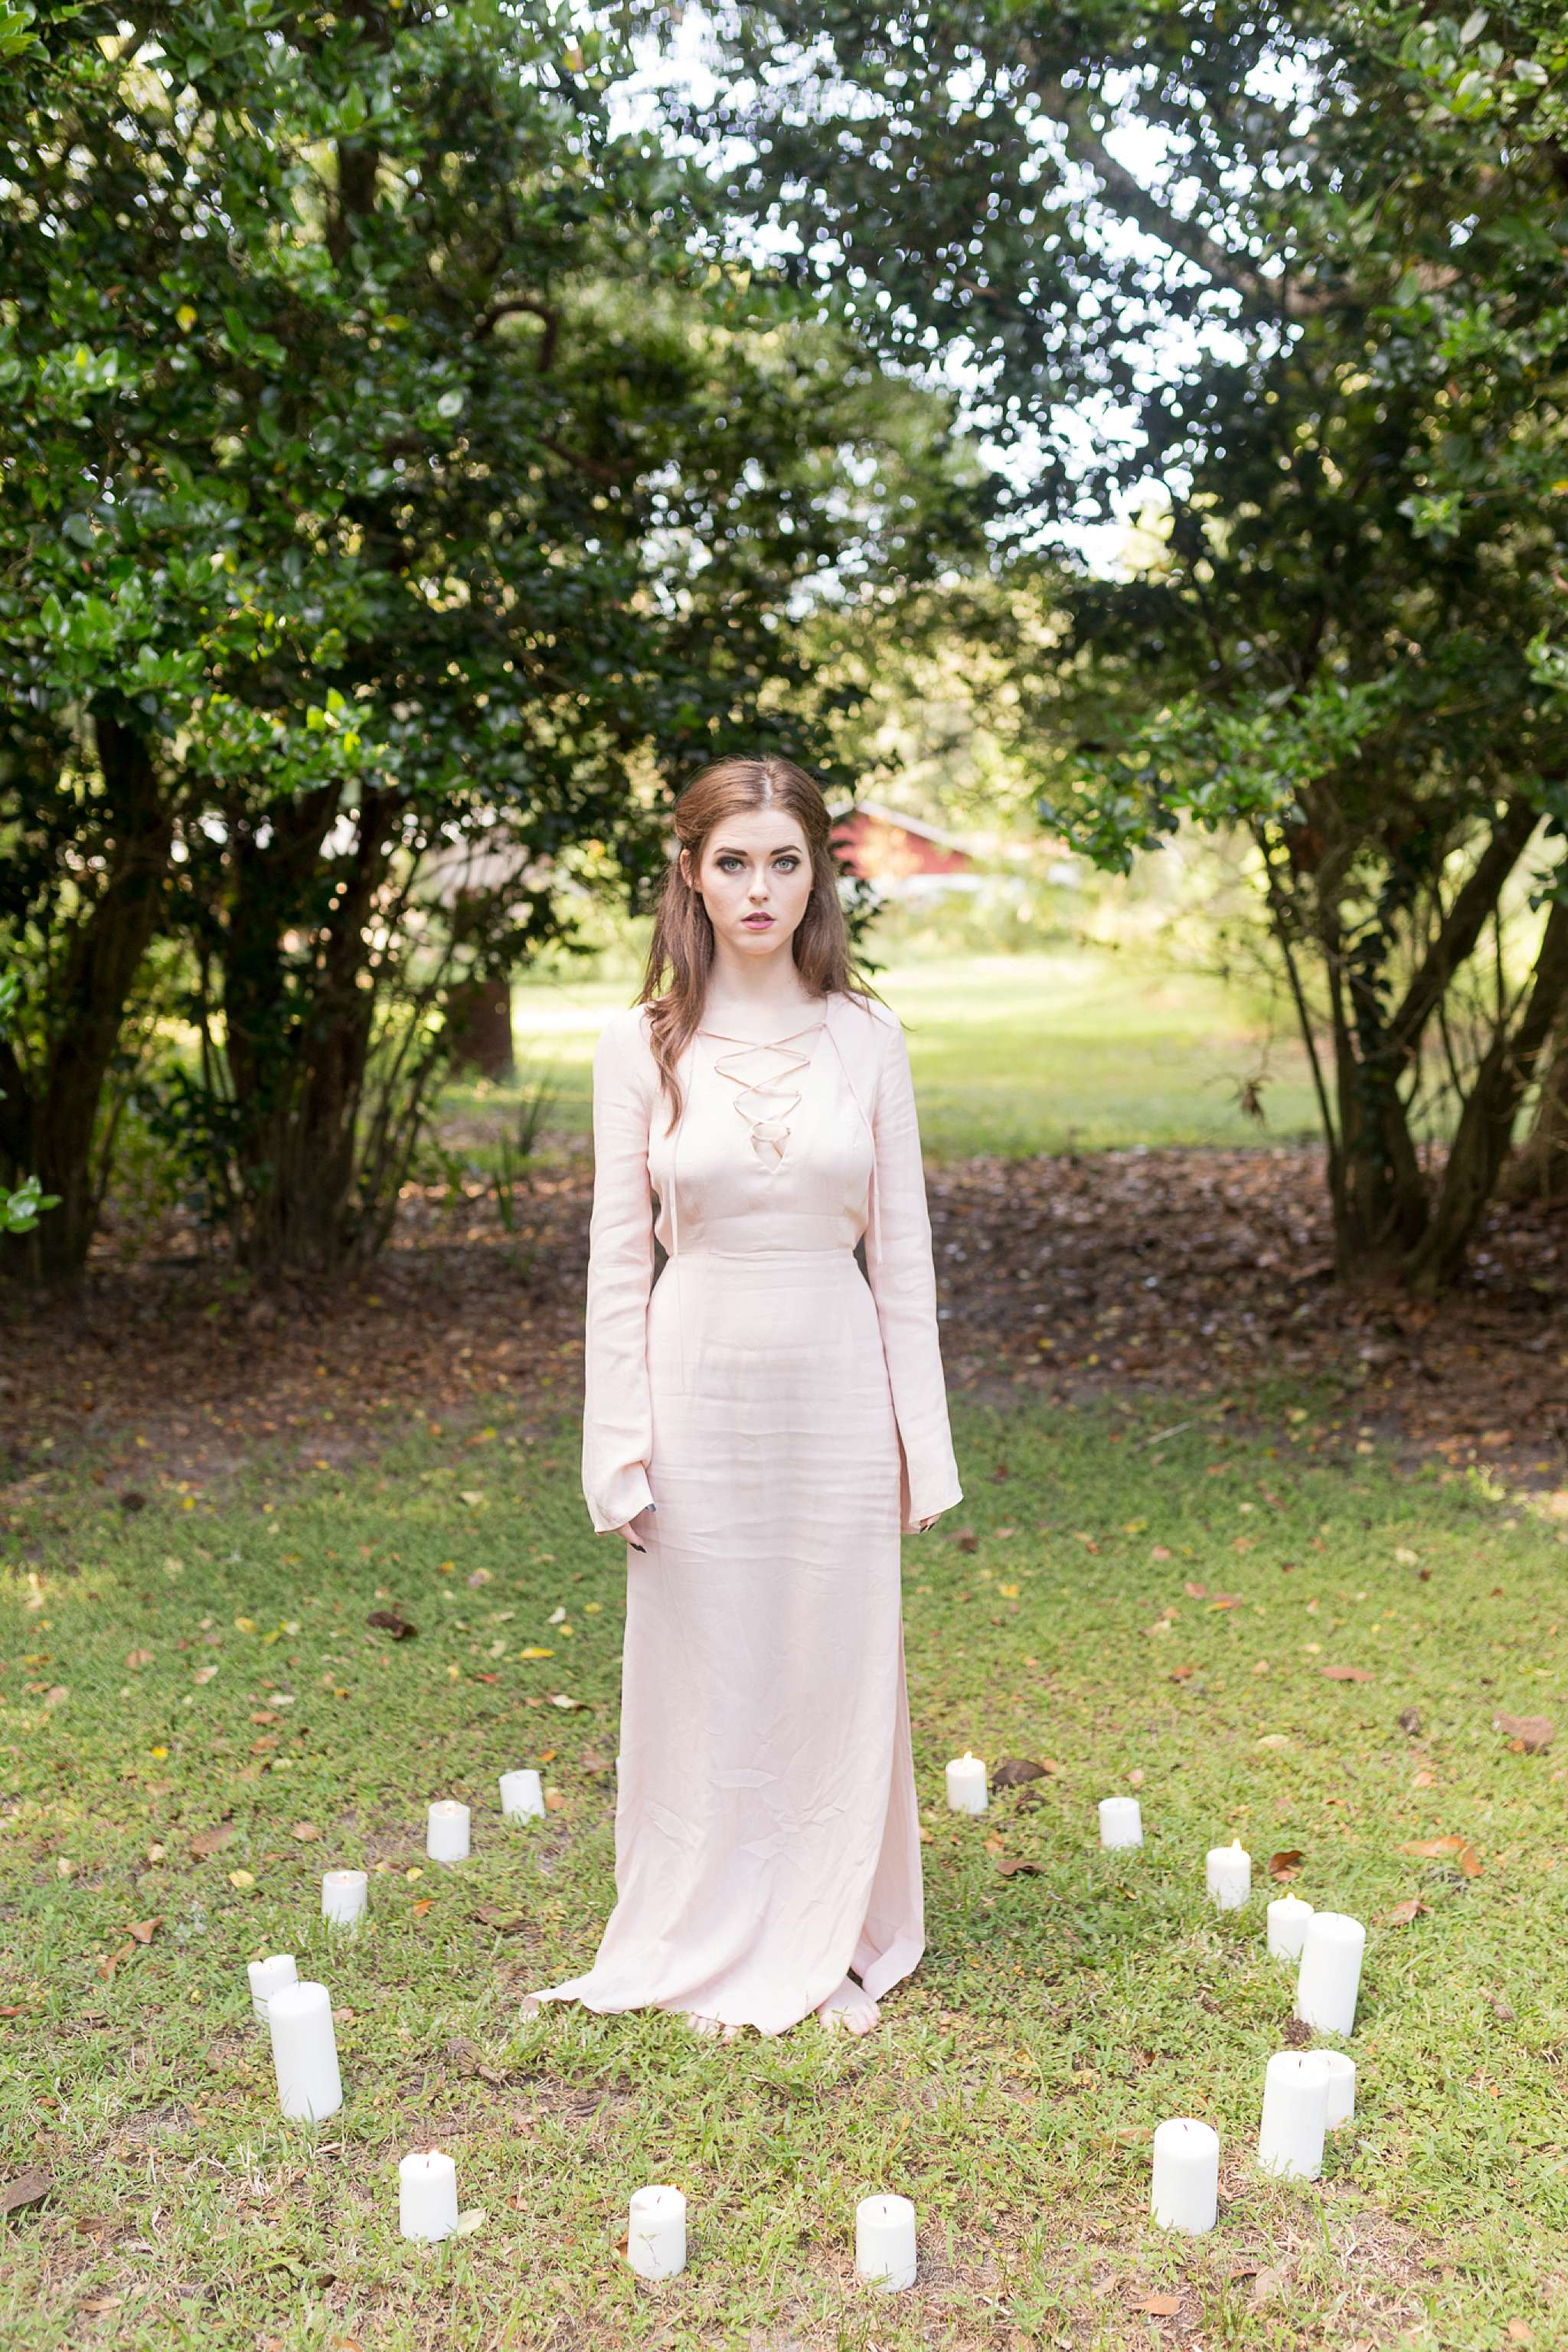 Amber-Nicole-Portrait-Jacksonville-Florida_0186.jpg